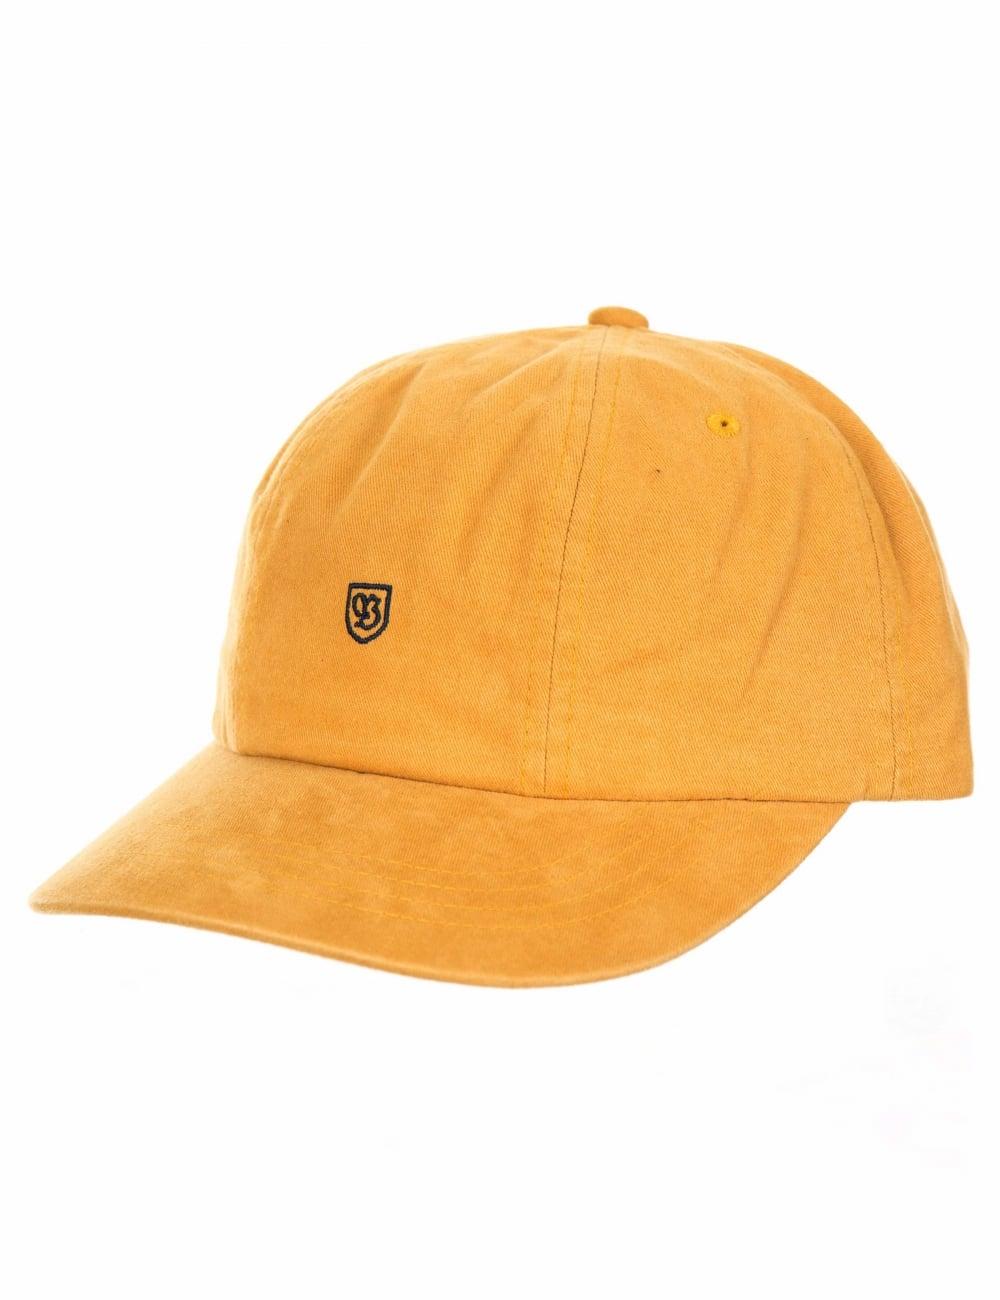 Brixton B-Shield Cap - Gold - Accessories from Fat Buddha Store UK 90f022f0578